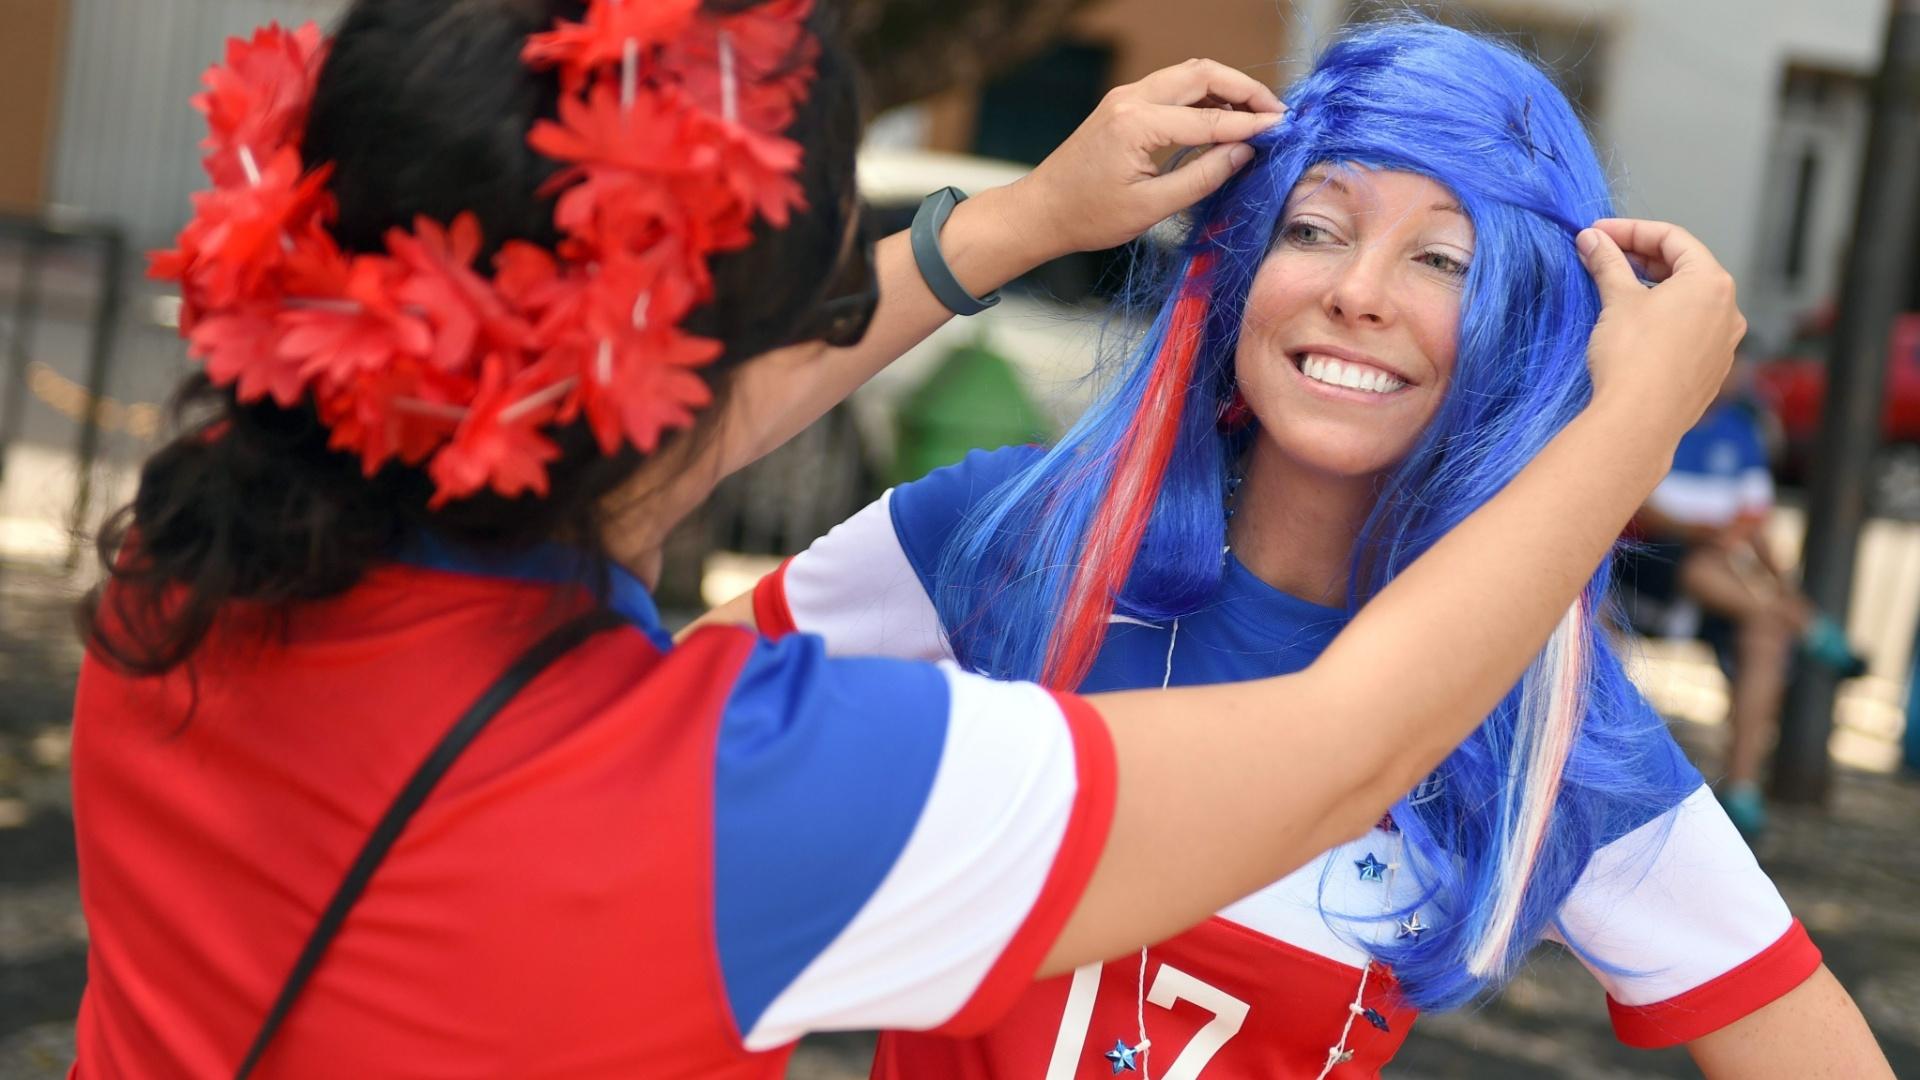 Torcedora ajeita a peruca antes do jogo contra Portugal em Manaus